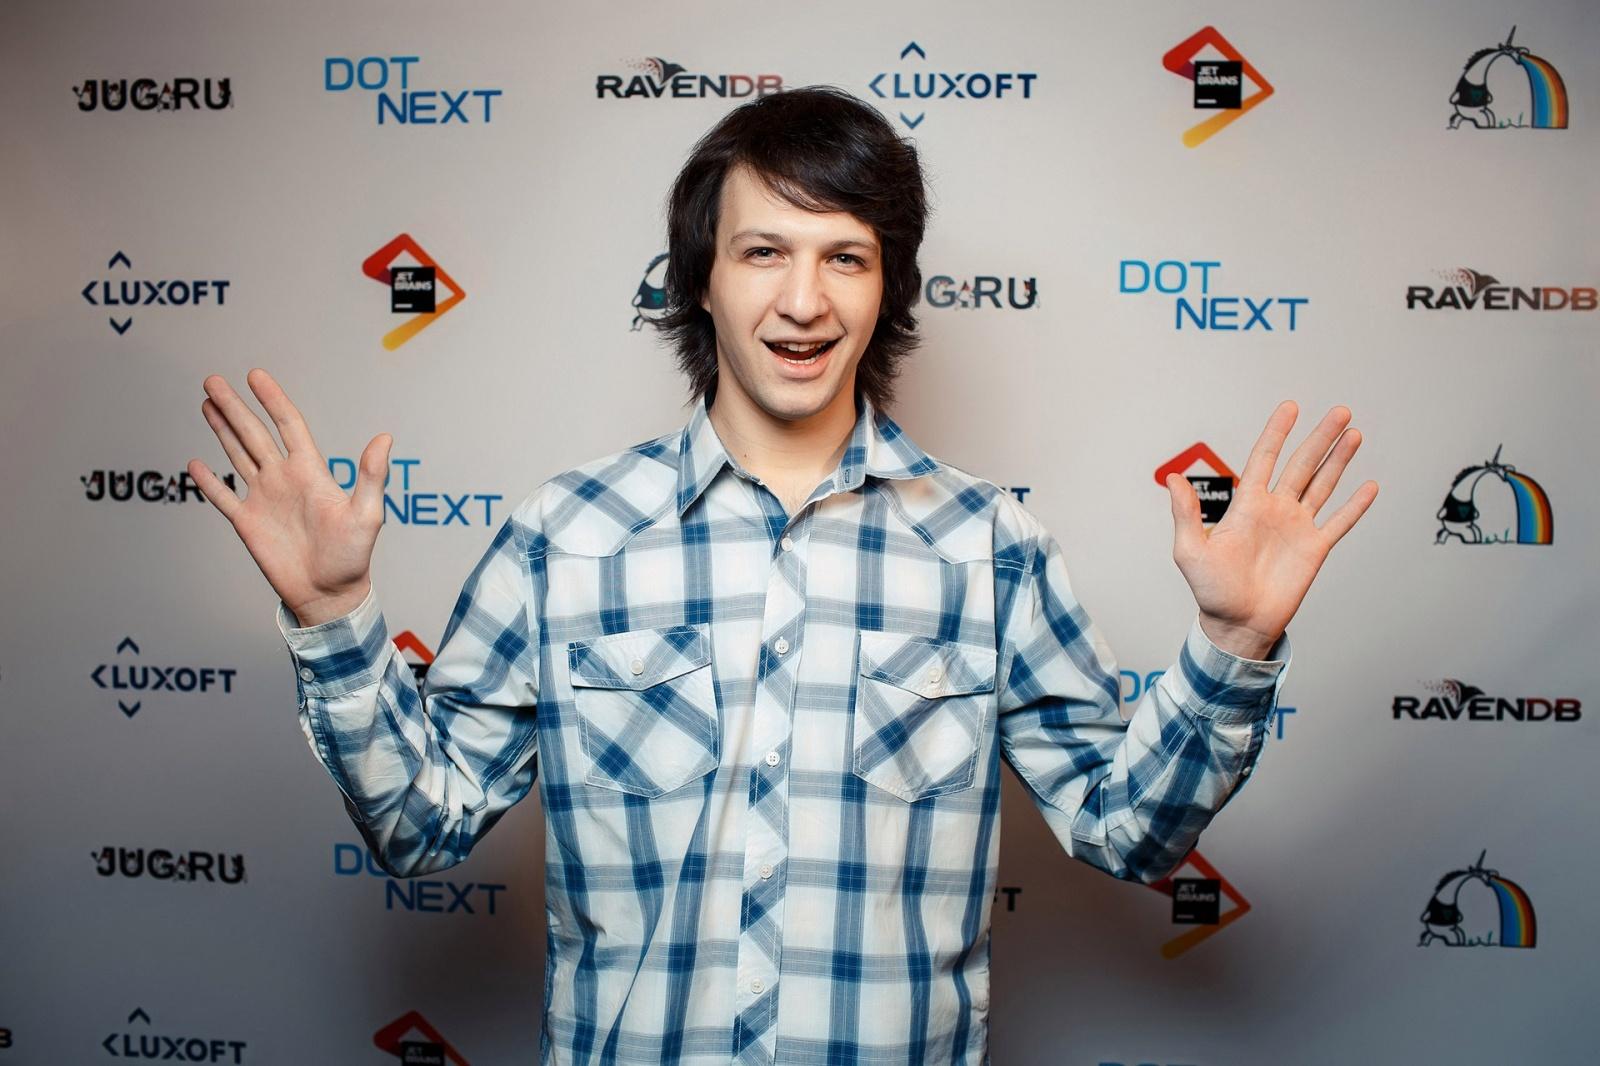 Анонс DotNext 2017 Moscow: двойная порция .NET - 1